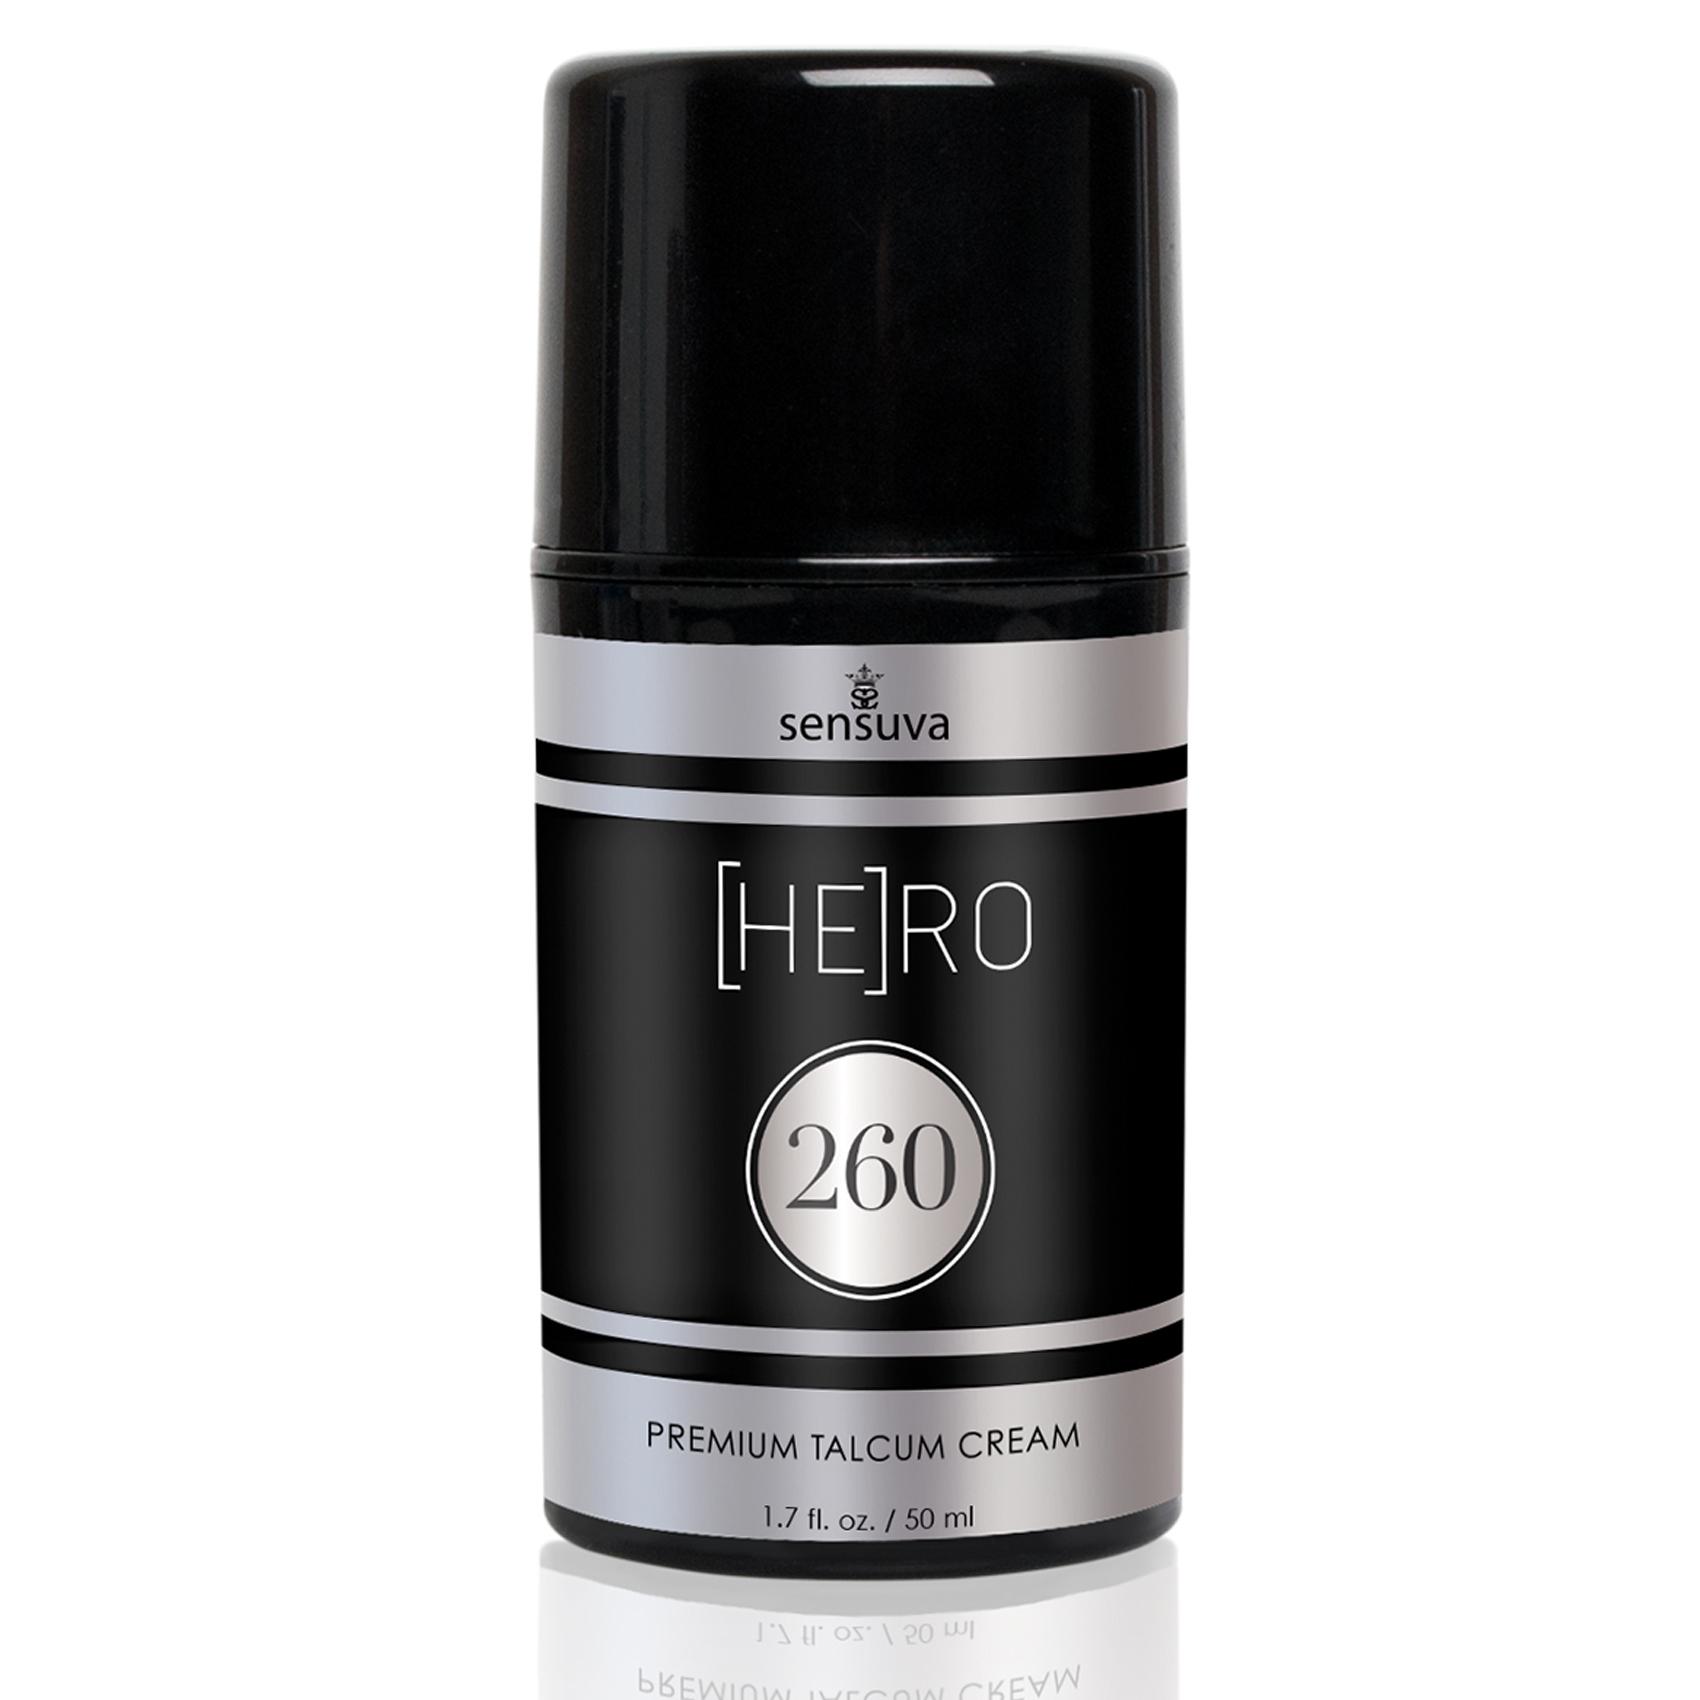 HE(RO) 260 Talcum Cream For Men | GLIDMEDEL ETC., HUSAPOTEKET, Bättre sex för honom | Intimast.se - Sexleksaker